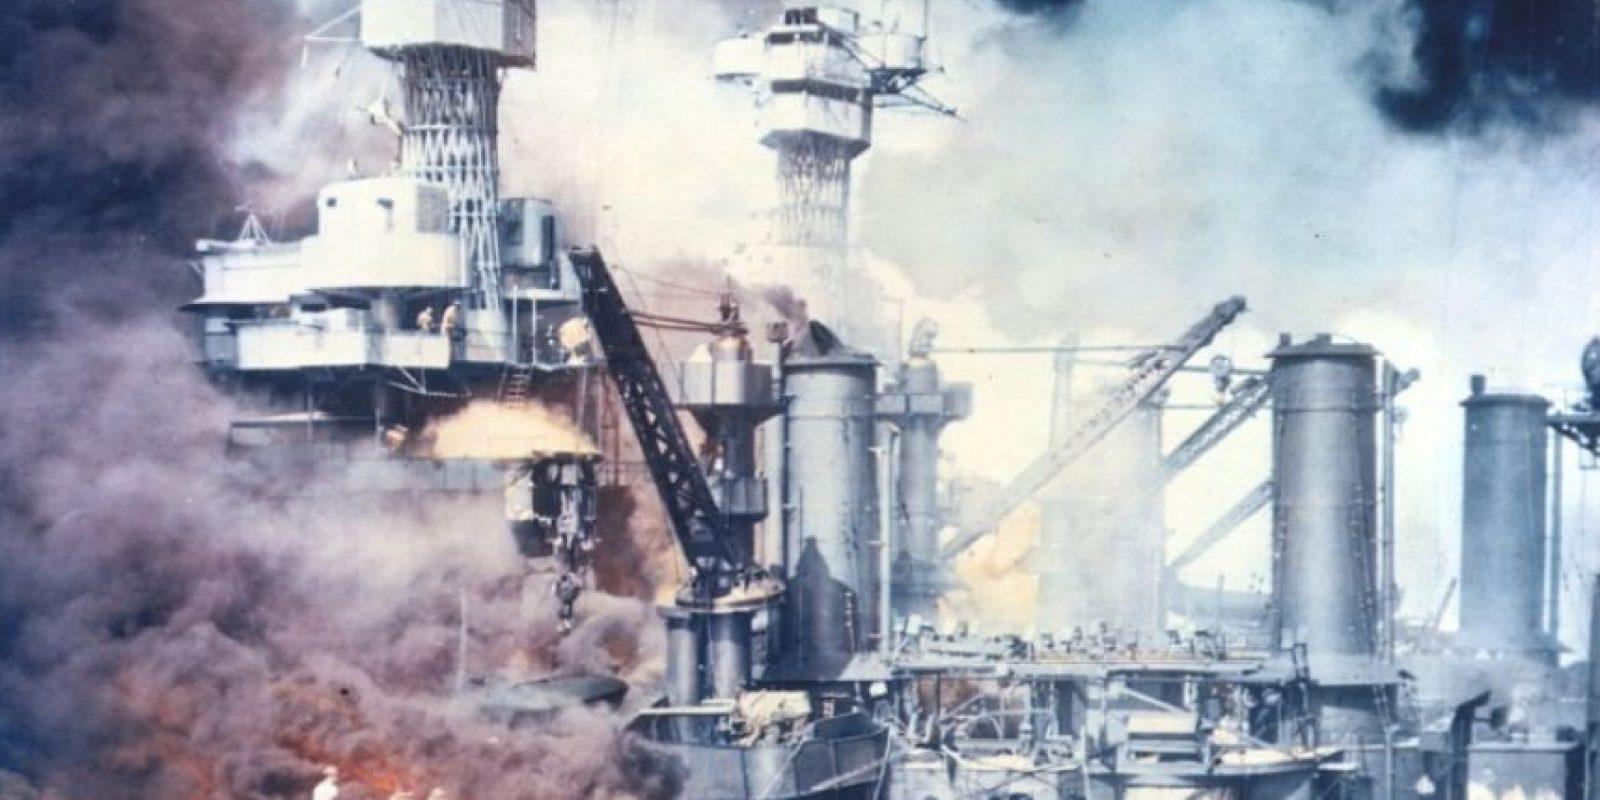 Un barco arde tras el ataque japonés a Pearl Harbor el 7 de diciembre de 1941, en una imagen de archivo de la Armada de EEUU Foto:-/afp.com